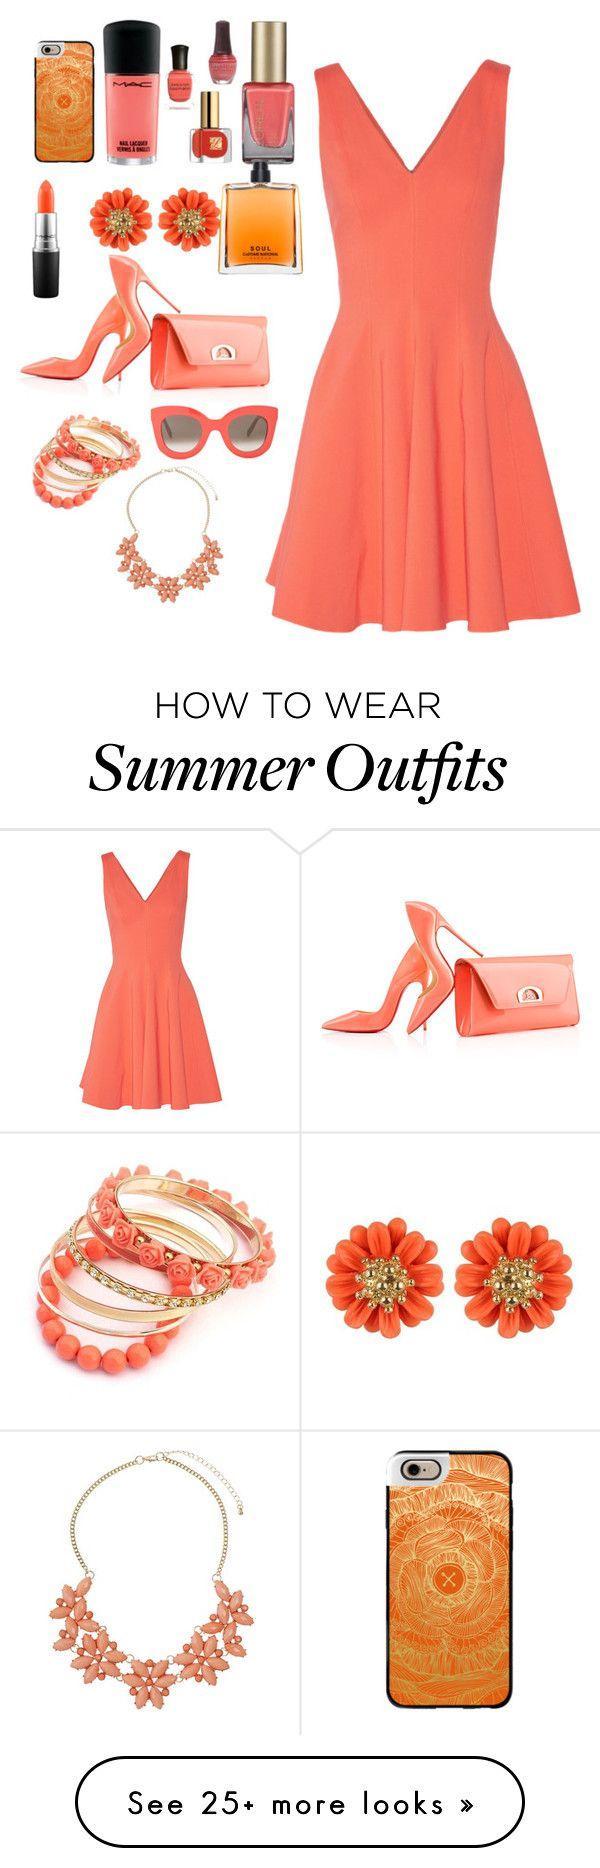 زفاف - Summer Outfits Sets